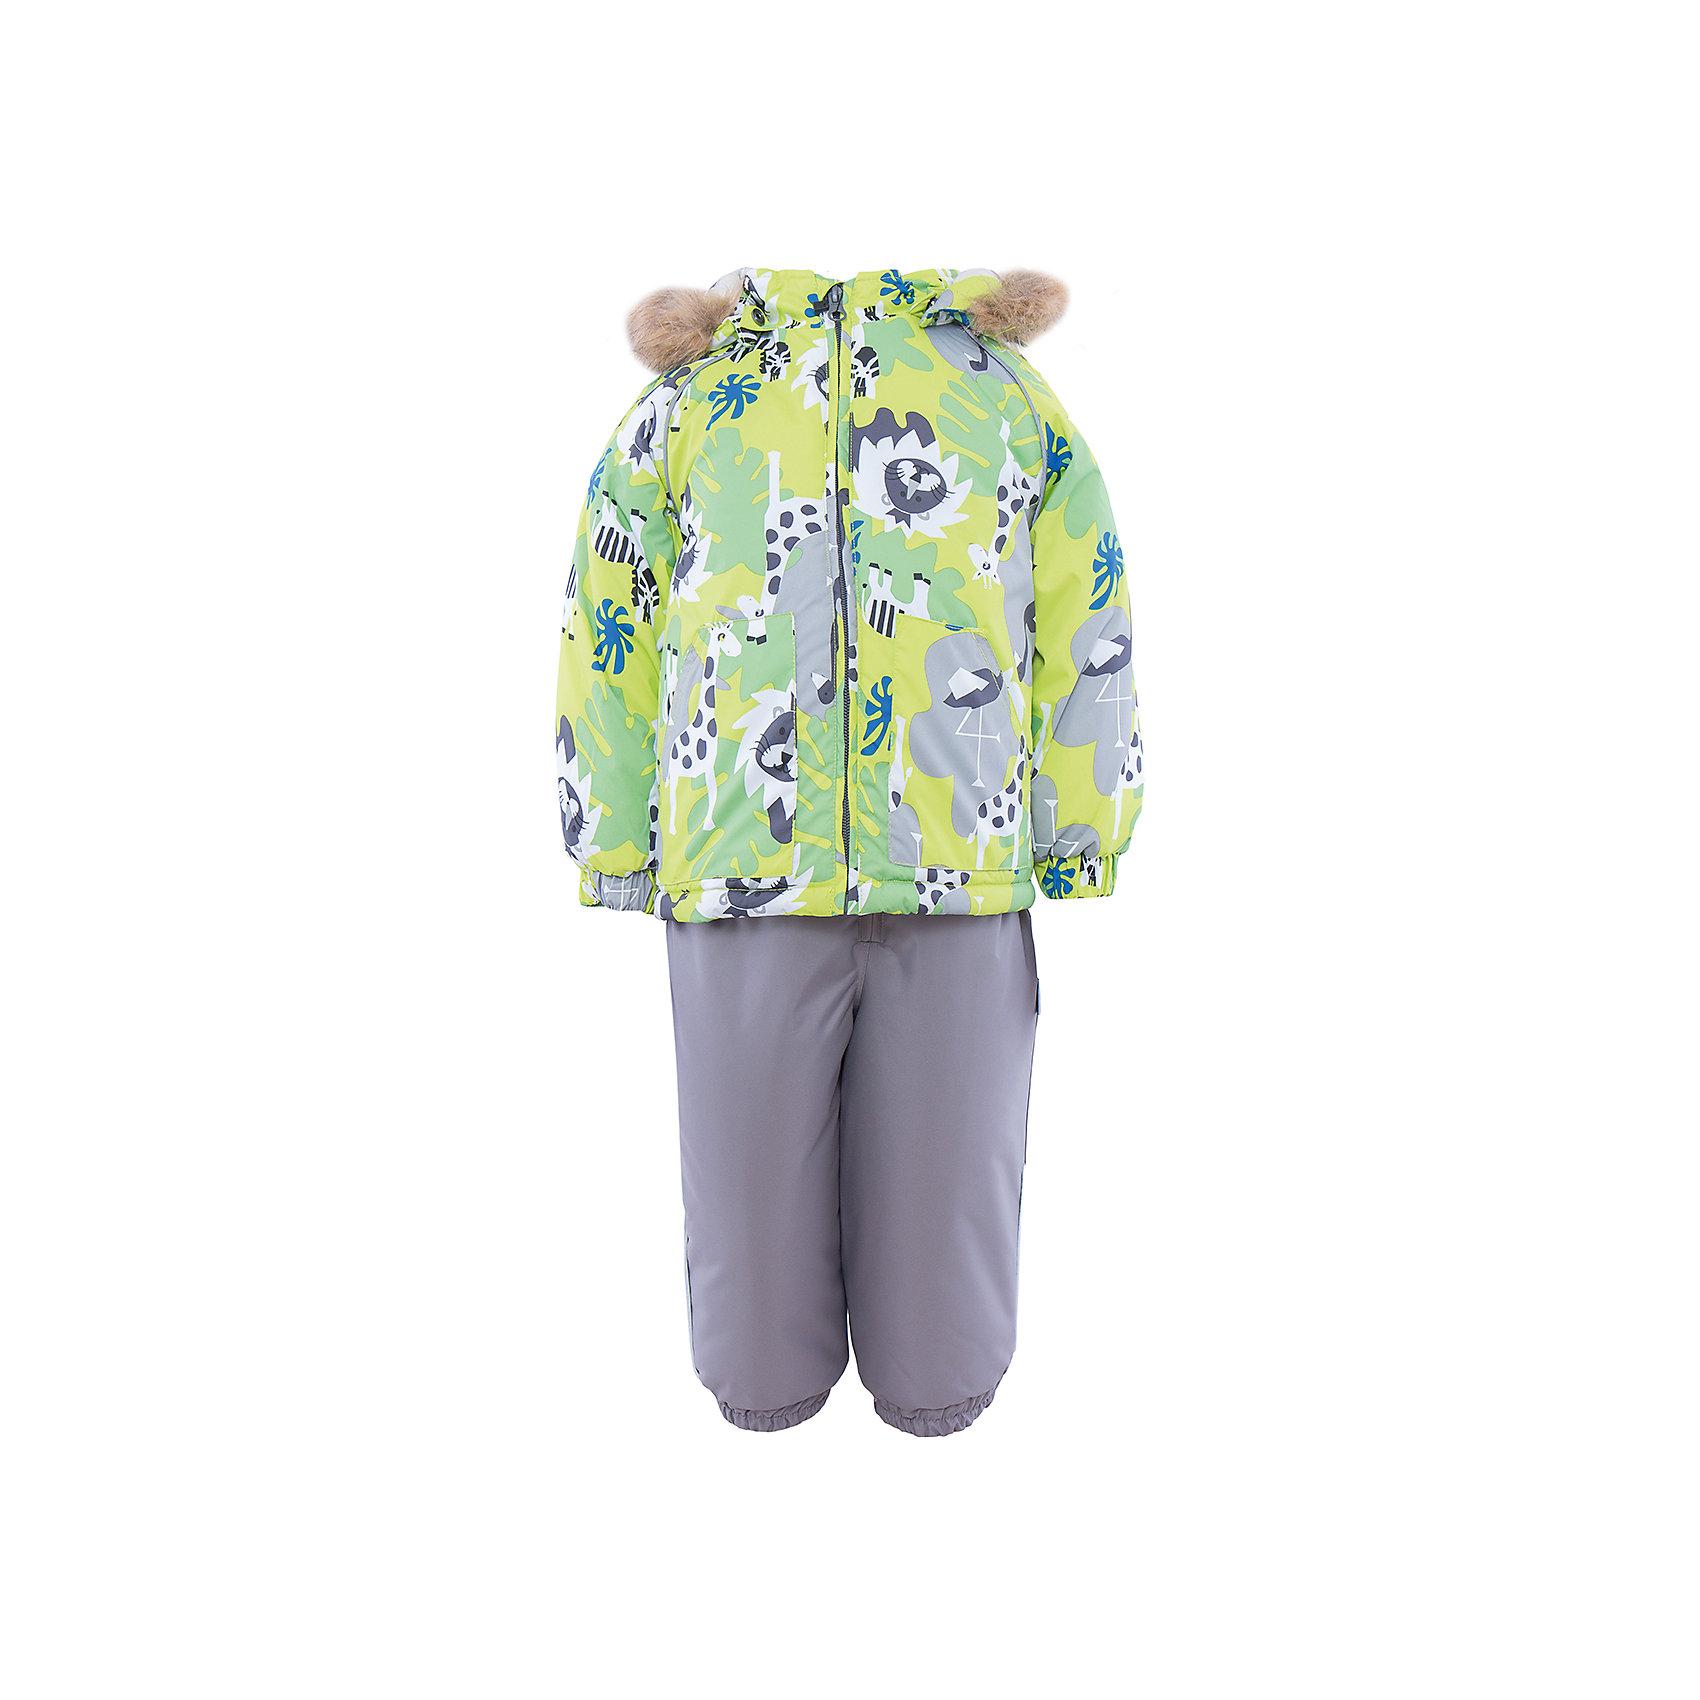 Комплект HuppaВерхняя одежда<br>Комплект из куртки и комбинезона AVERY Huppa(Хуппа).<br><br>Утеплитель: 100% полиэстер. Куртка – 300 гр., полукомбинезон – 160 гр.<br><br>Температурный режим: до -30 градусов. Степень утепления – высокая. <br><br>* Температурный режим указан приблизительно — необходимо, прежде всего, ориентироваться на ощущения ребенка. Температурный режим работает в случае соблюдения правила многослойности – использования флисовой поддевы и термобелья.<br><br>Отлично подойдет для зимних прогулок. Комбинезон имеет подтяжки и резинки на талии и манжетах. Куртка с капюшоном и резинками на манжетах имеет необычный дизайн и принт со зверюшками.<br><br>Особенности:<br>-плотная дышащая и водоотталкивающая мембрана<br>-водонепроницаемый<br>-мягкая фланелевая подкладка<br>-водостойкая лента на швах<br>-высокая прочность<br>-светоотражающие элементы<br>-съемный капюшон с отстегивающимся мехом<br>-шаговый шов проклеен<br><br>Дополнительная информация:<br>Материал: 100% полиэстер<br>Подкладка: фланель - 100% хлопок<br>Цвет: серый/салатовый<br><br>Вы можете приобрести комплект AVERY Huppa(Хуппа) в нашем интернет-магазине.<br><br>Ширина мм: 356<br>Глубина мм: 10<br>Высота мм: 245<br>Вес г: 519<br>Цвет: зеленый<br>Возраст от месяцев: 24<br>Возраст до месяцев: 36<br>Пол: Унисекс<br>Возраст: Детский<br>Размер: 98,80,104,86,92<br>SKU: 4928774